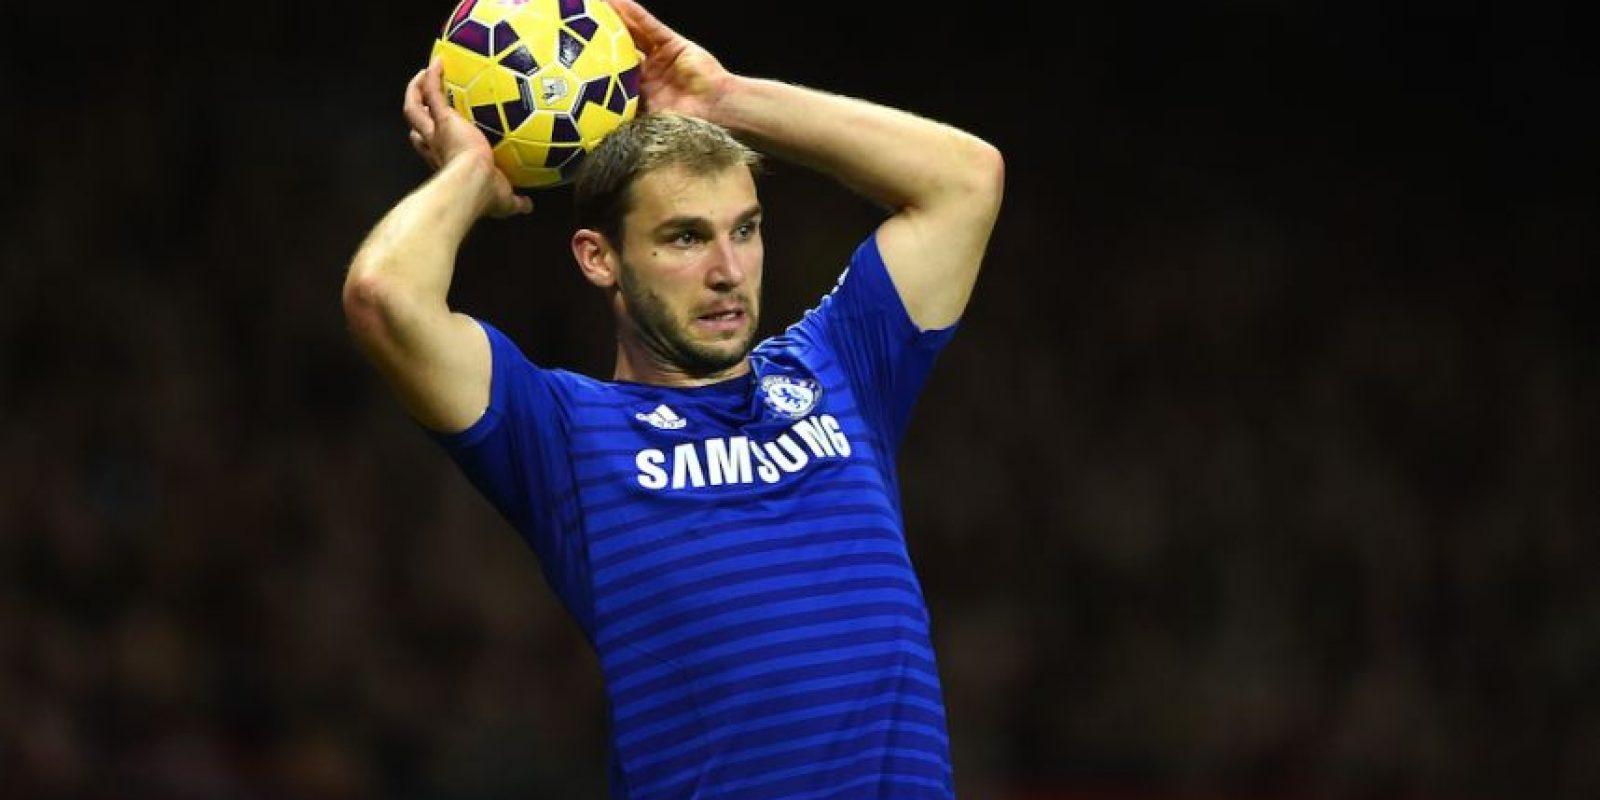 Ivanović tiene 30 años de edad y juega en el Chelsea de Inglaterra. Foto:Getty Images